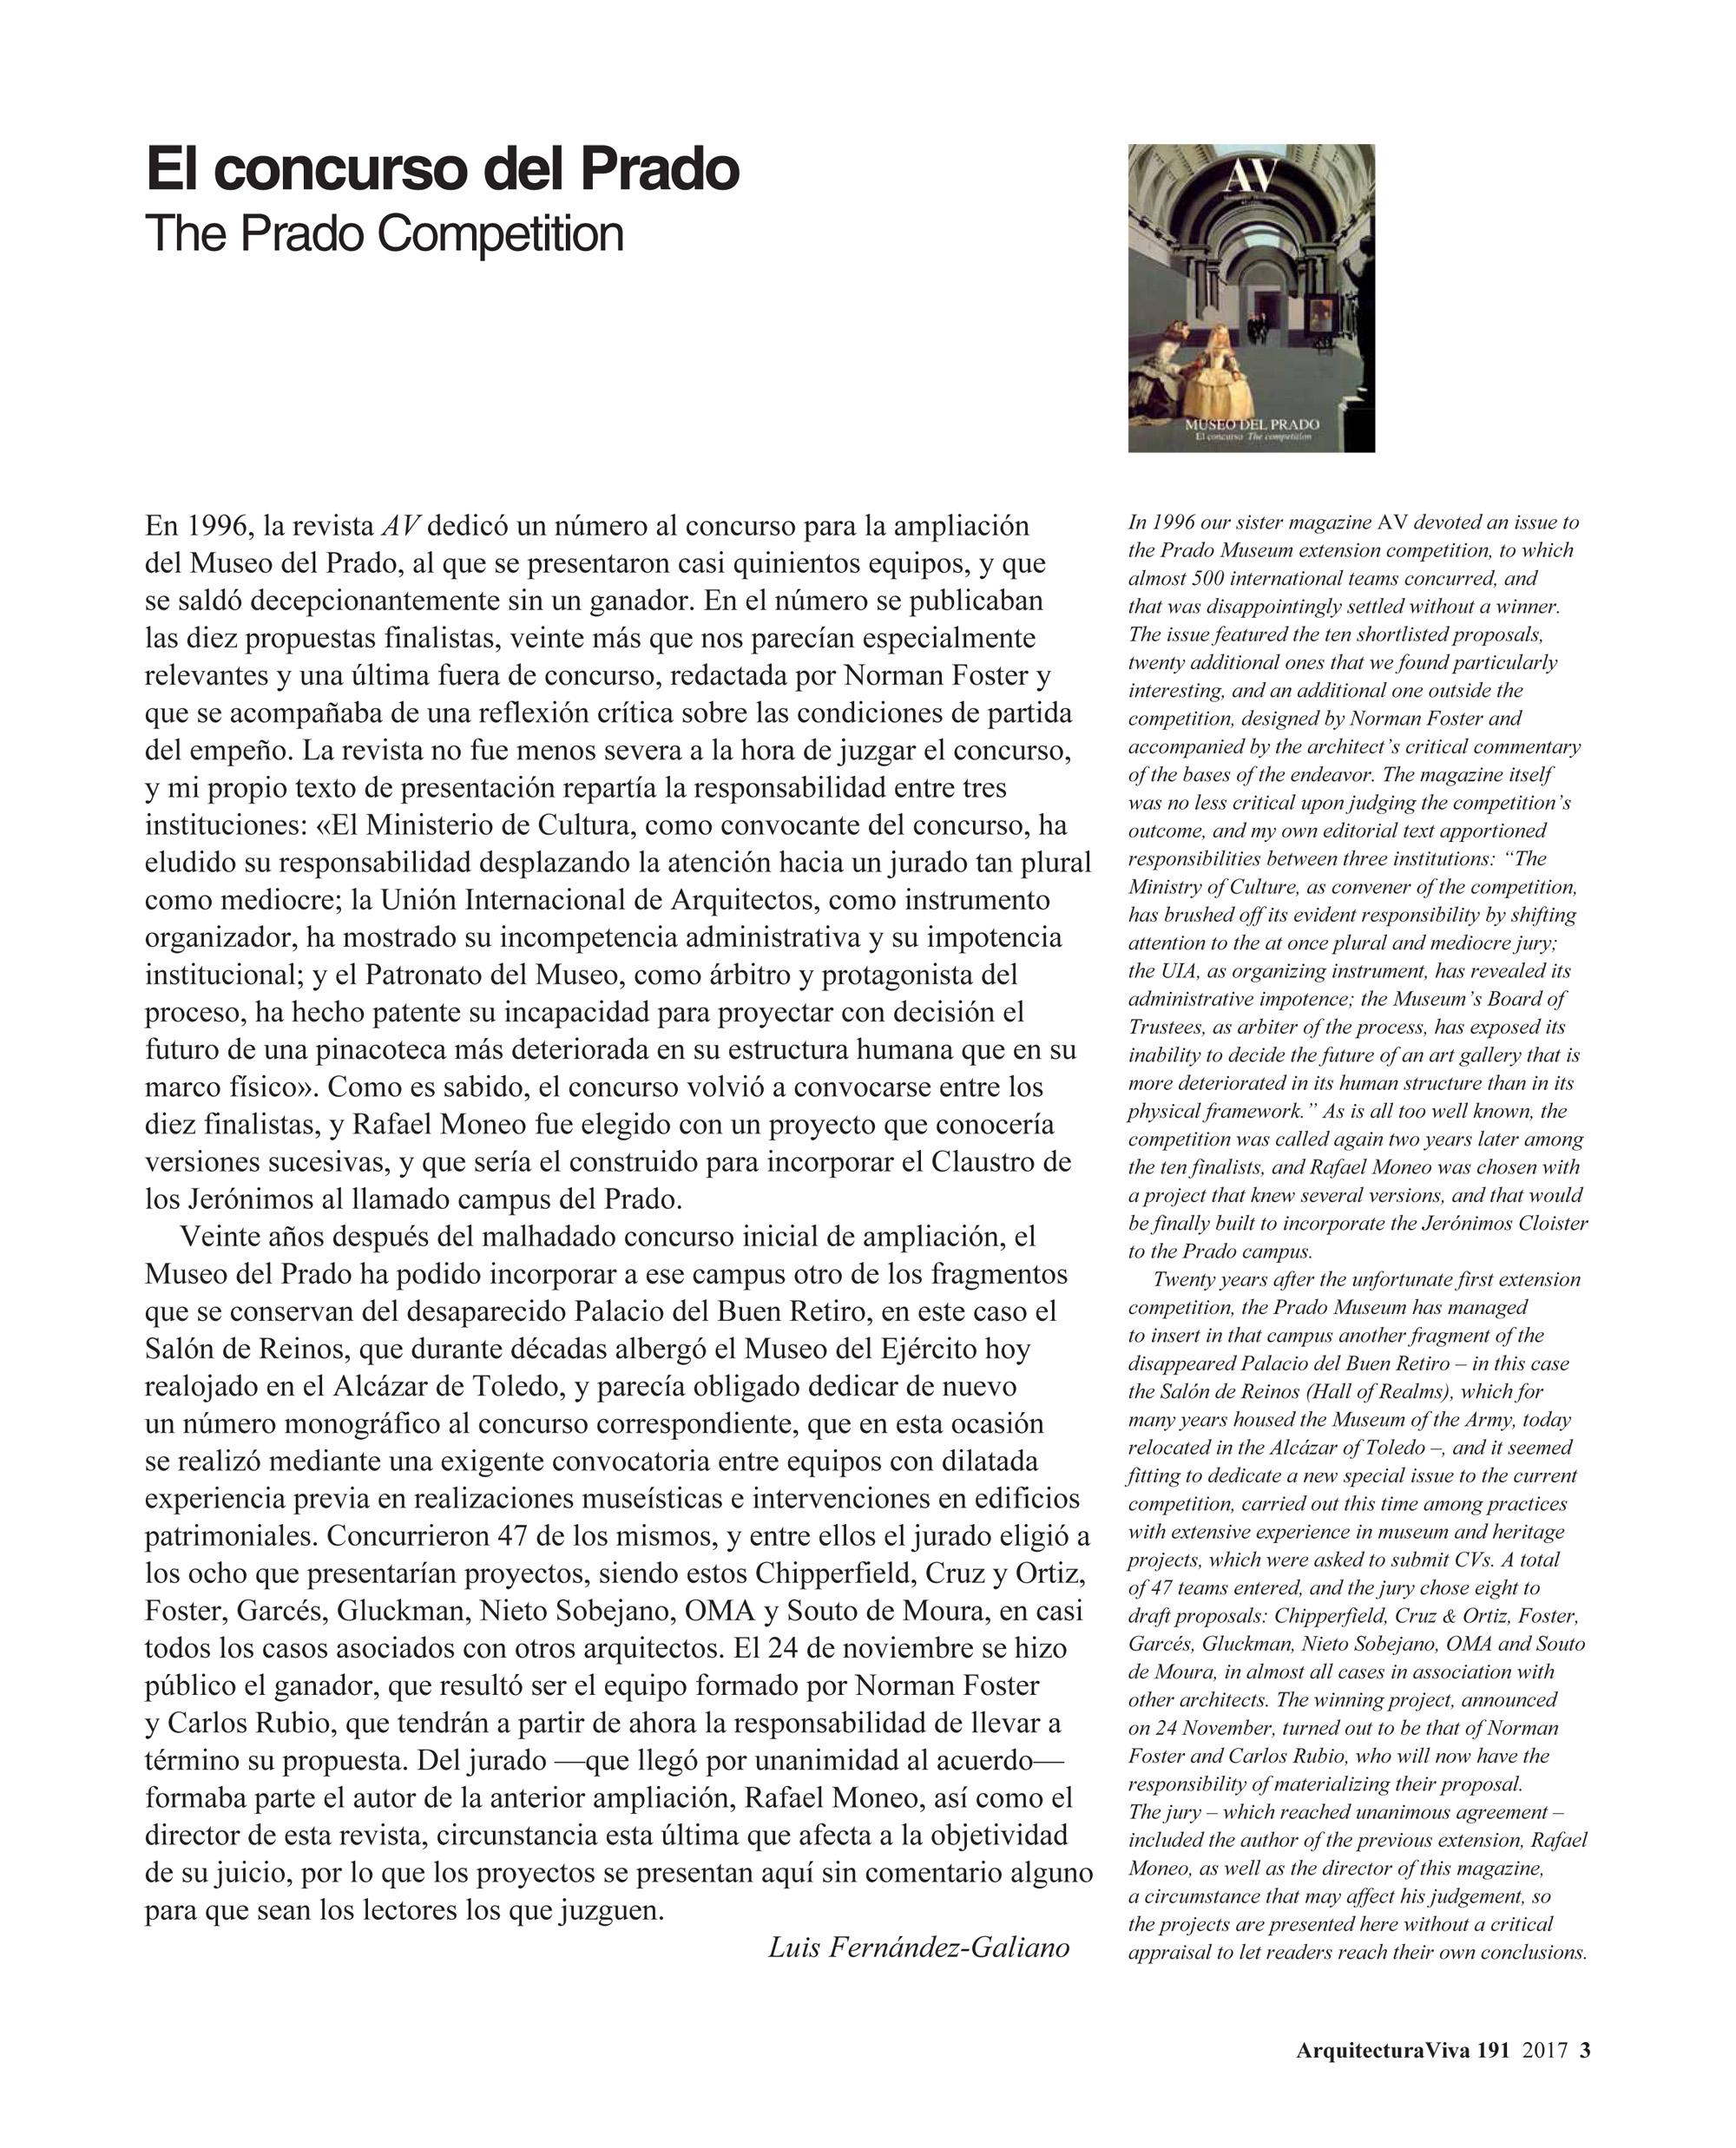 The Prado Competition